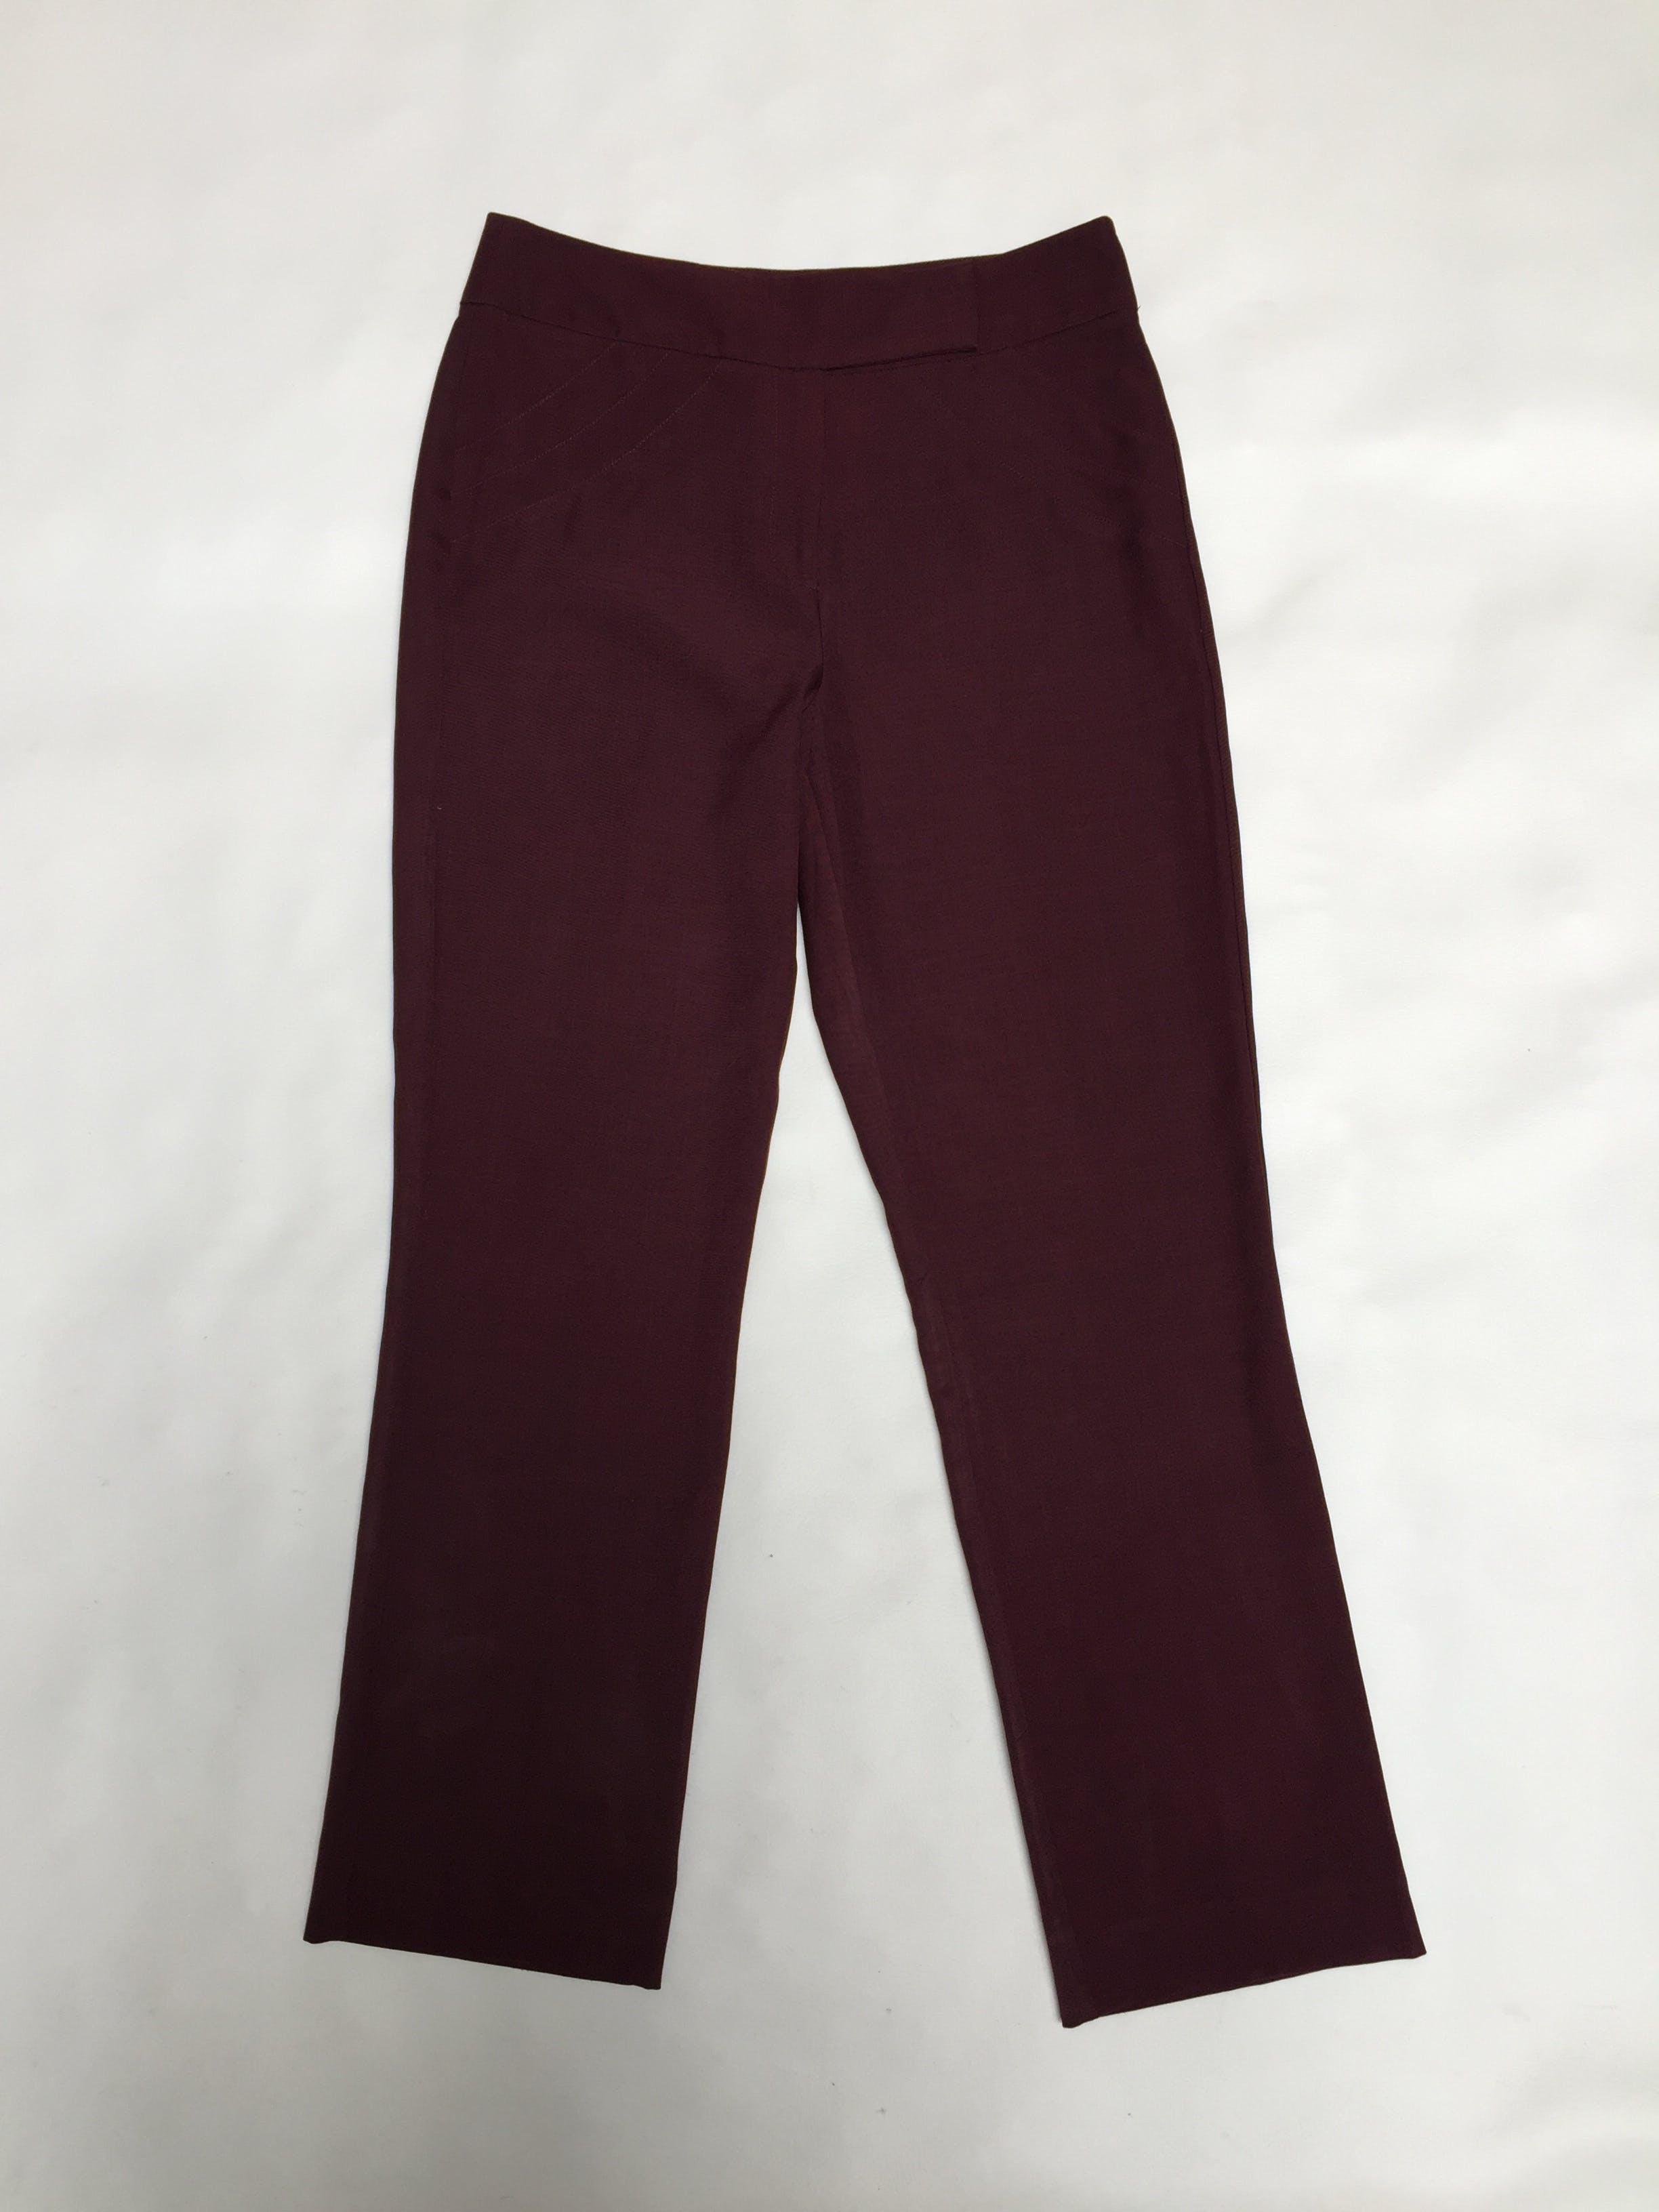 Pantalón Apology a la cintura, pespuntes laterales, corte recto, tela tipo sastre. Arma lindo! Pretina 80cm Talla 30